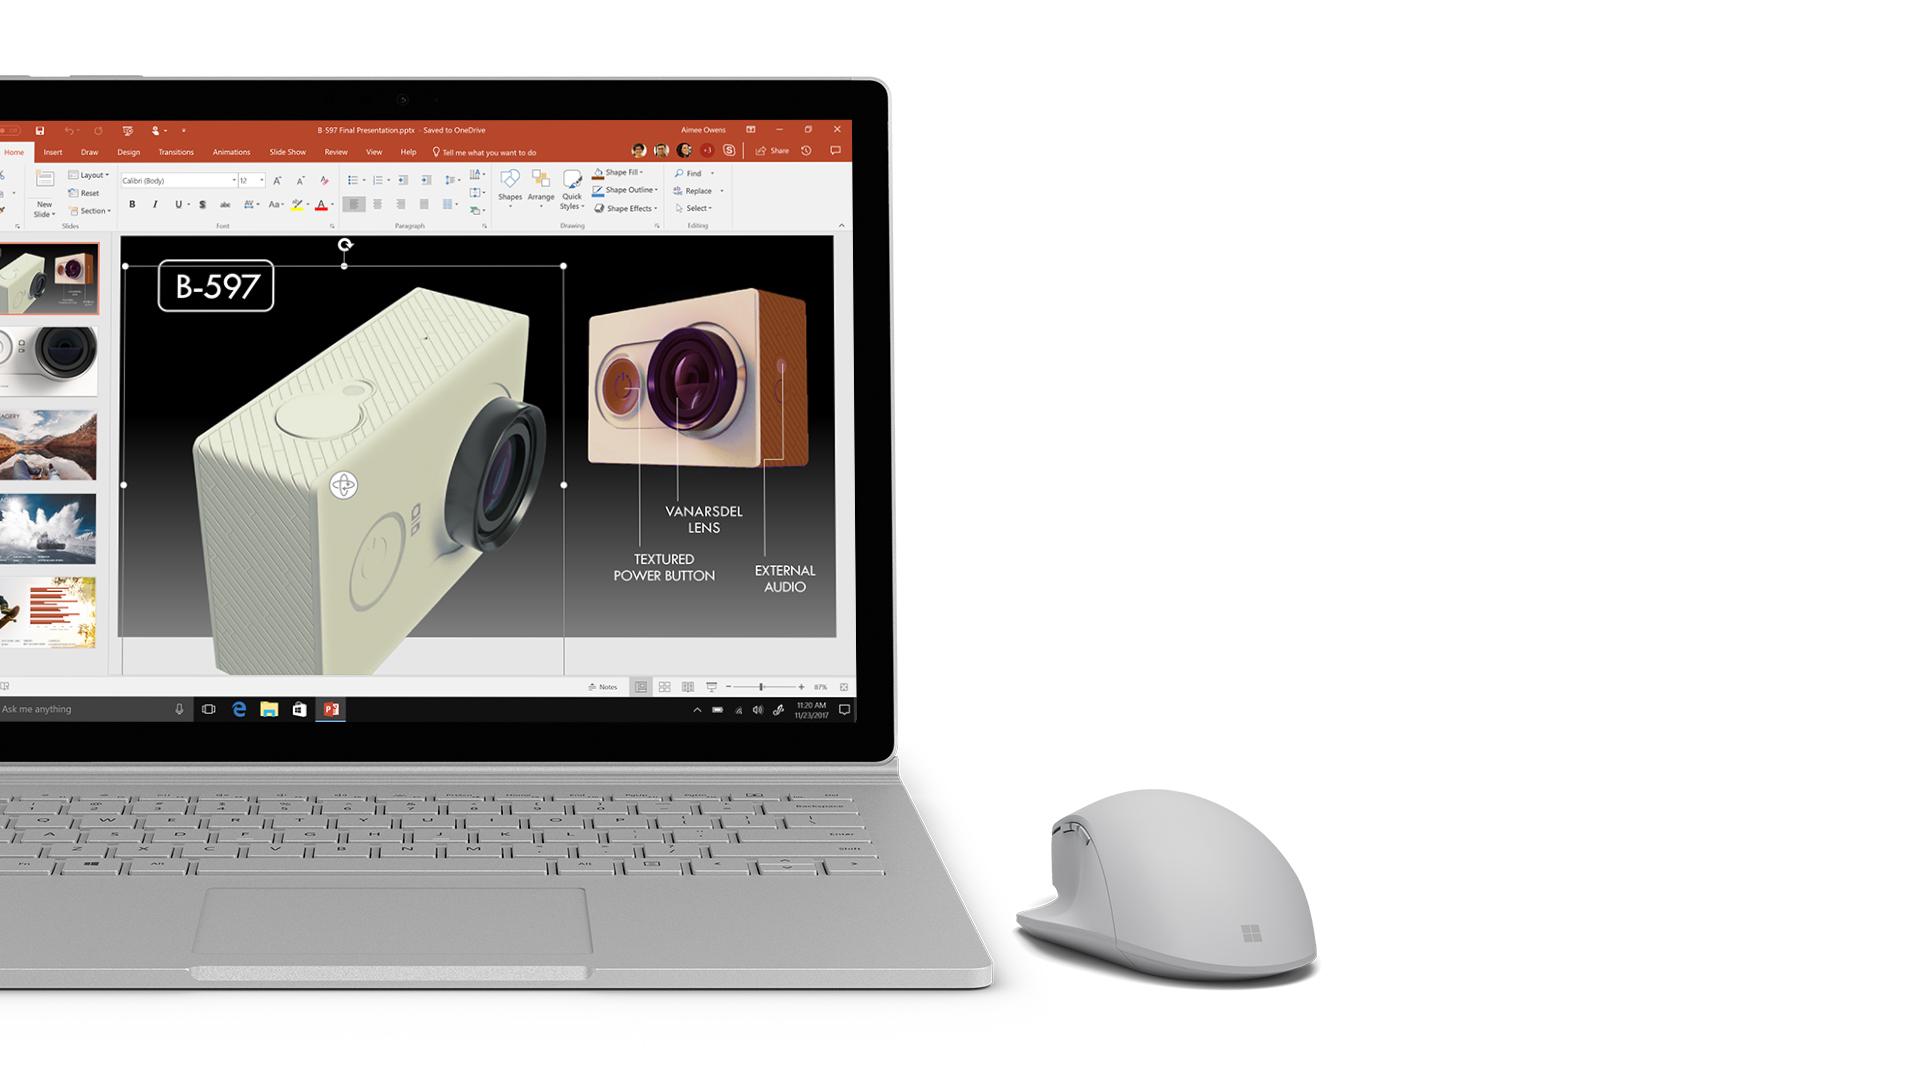 لقطة شاشة من تطبيق PowerPoint على جهاز Surface.